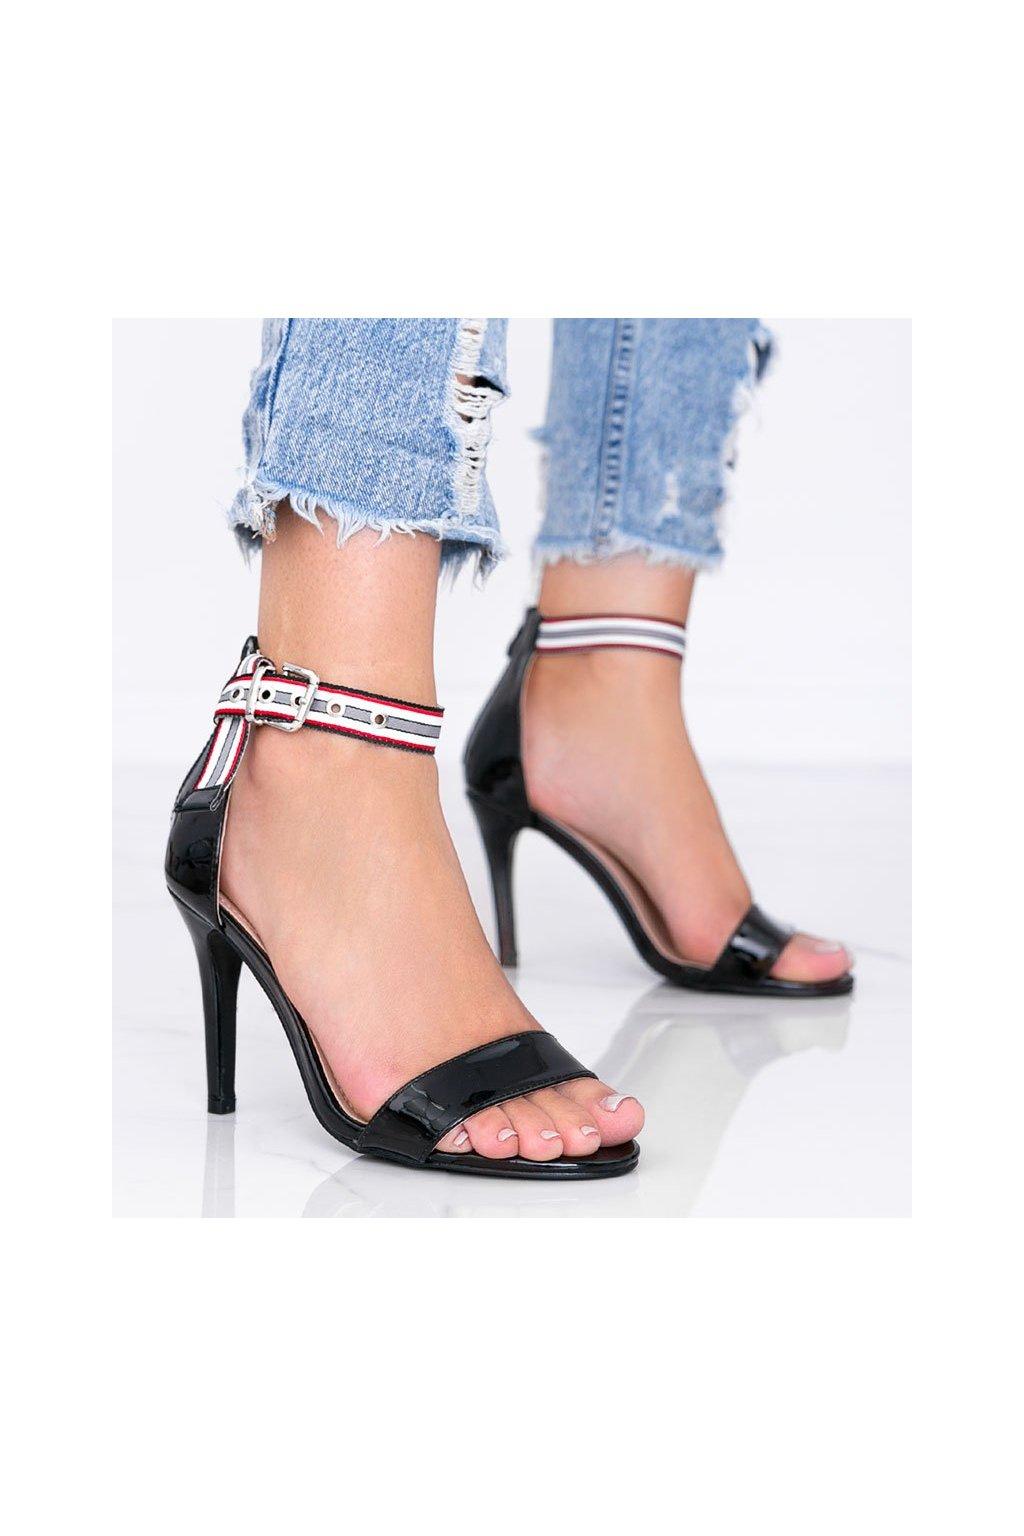 Dámske topánky sandále čierne kód 58-596 - GM